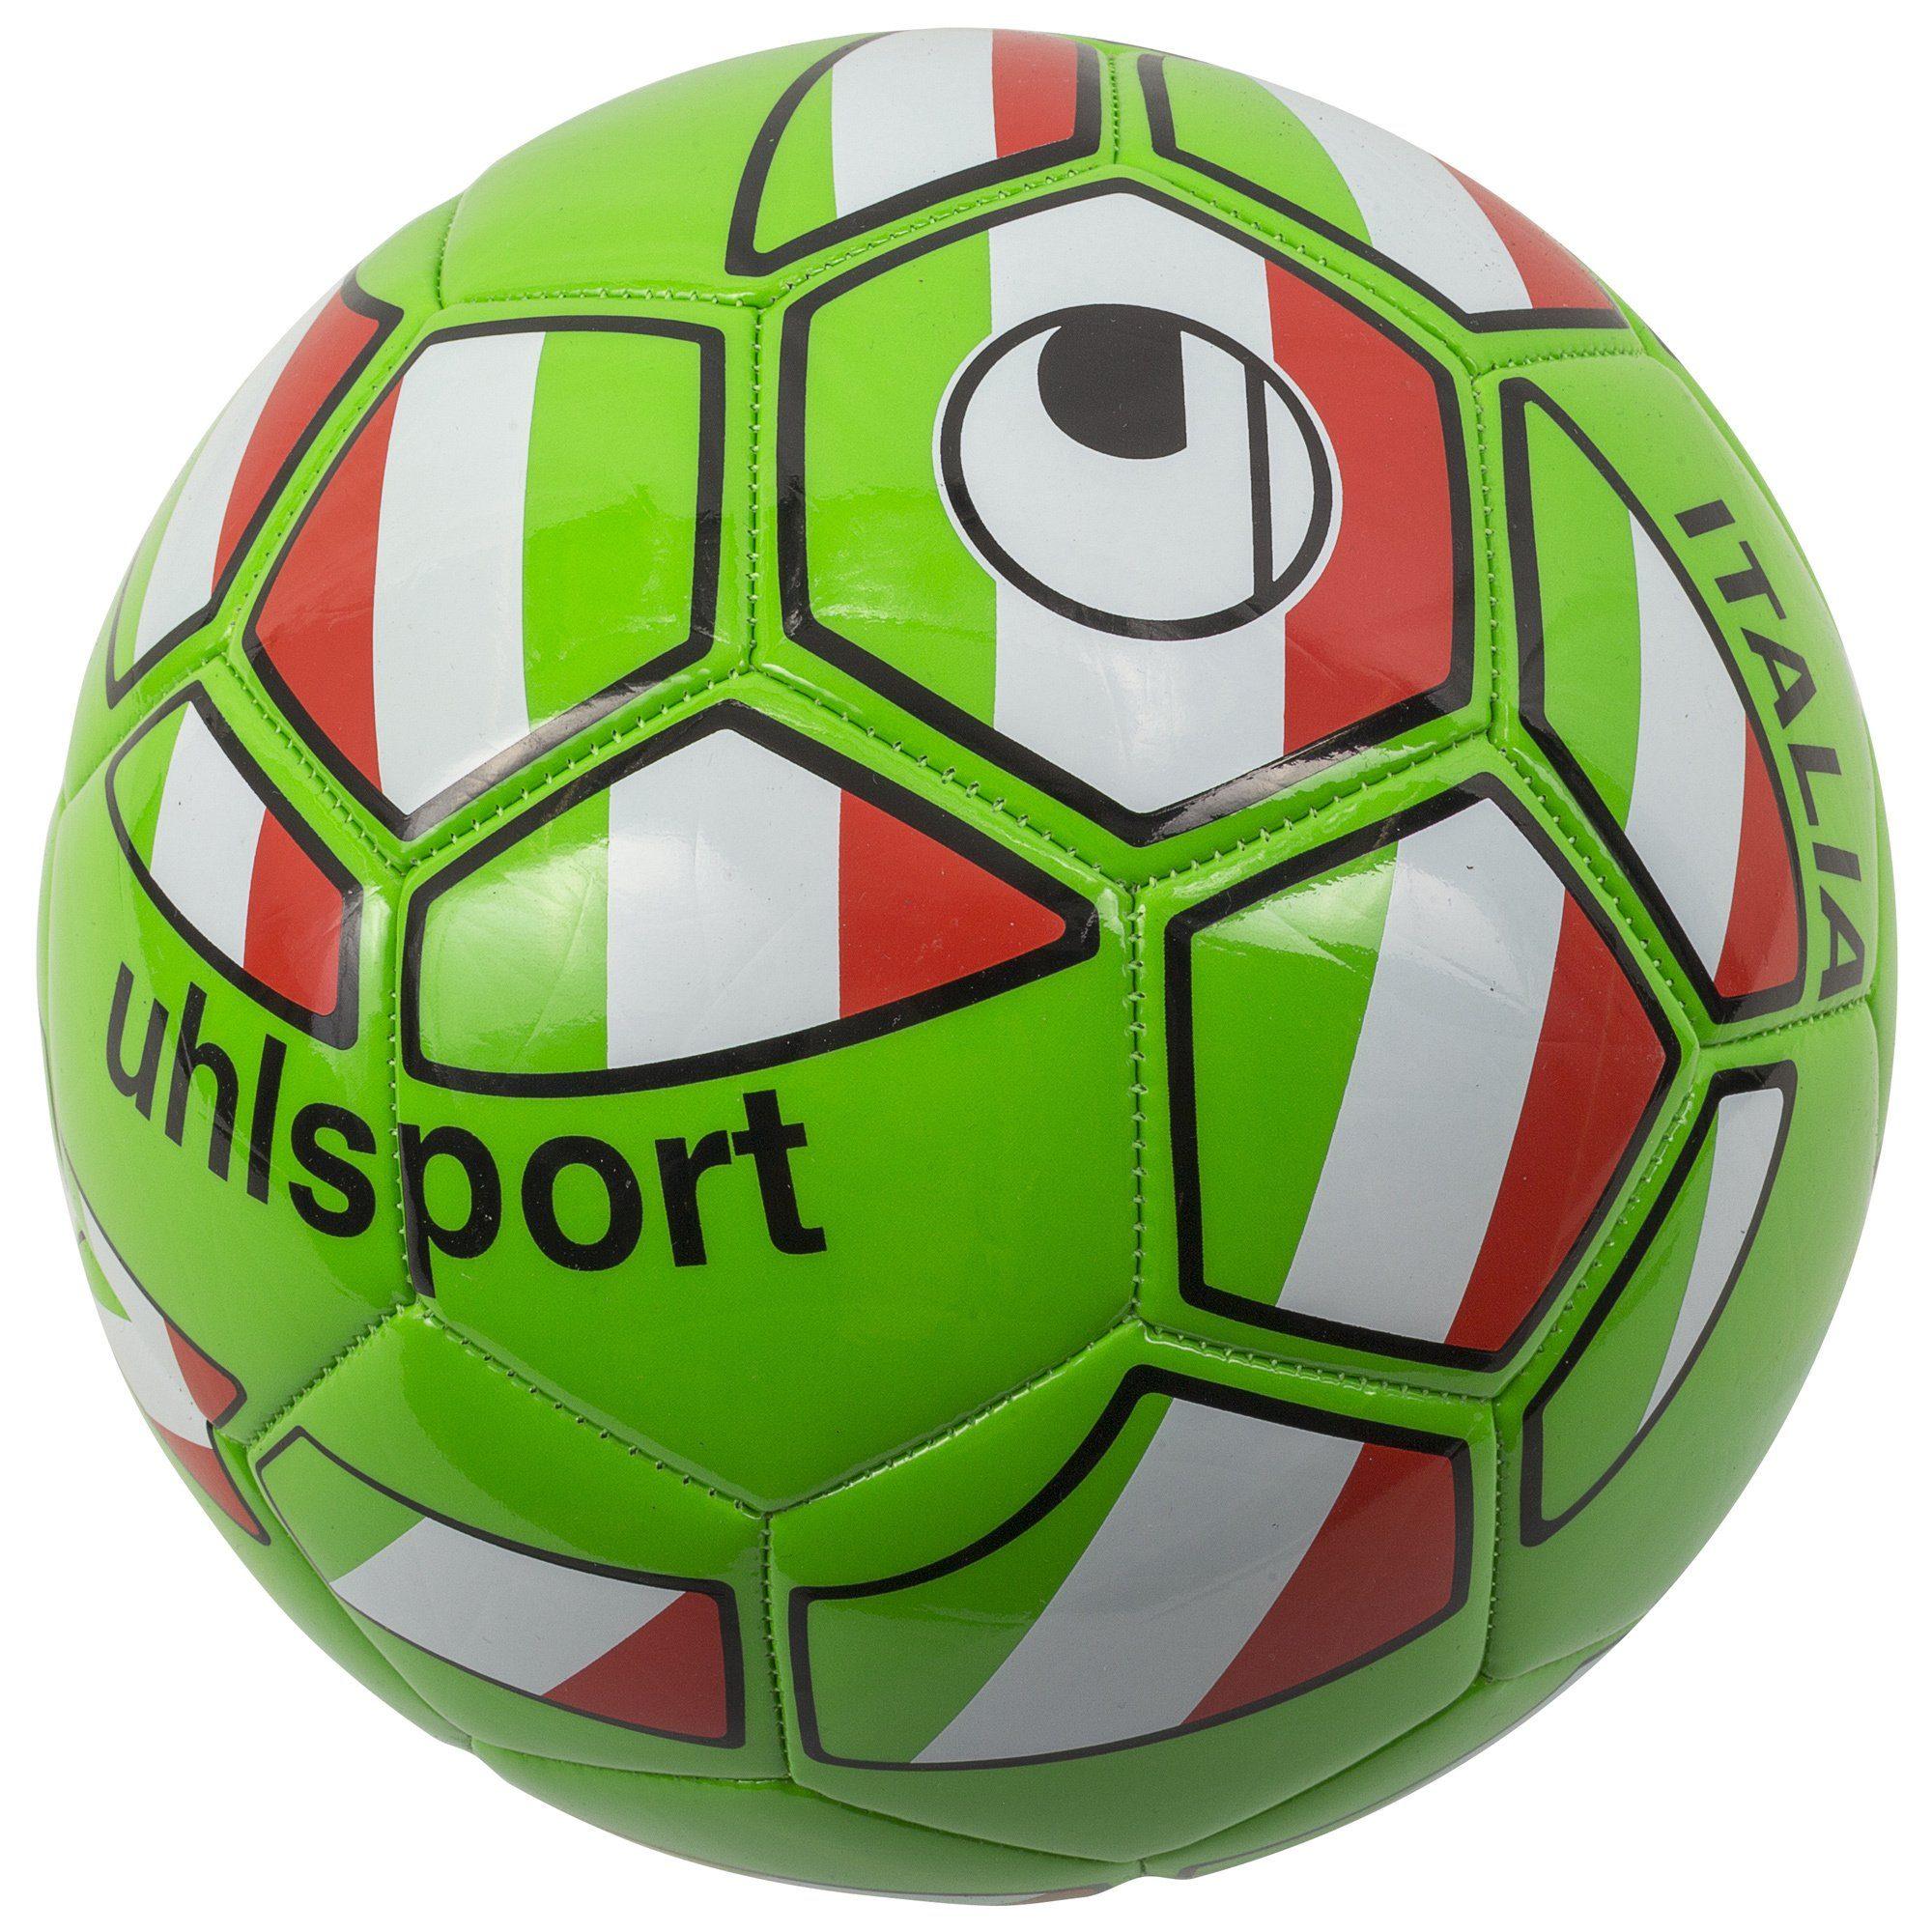 UHLSPORT Italien Fußball